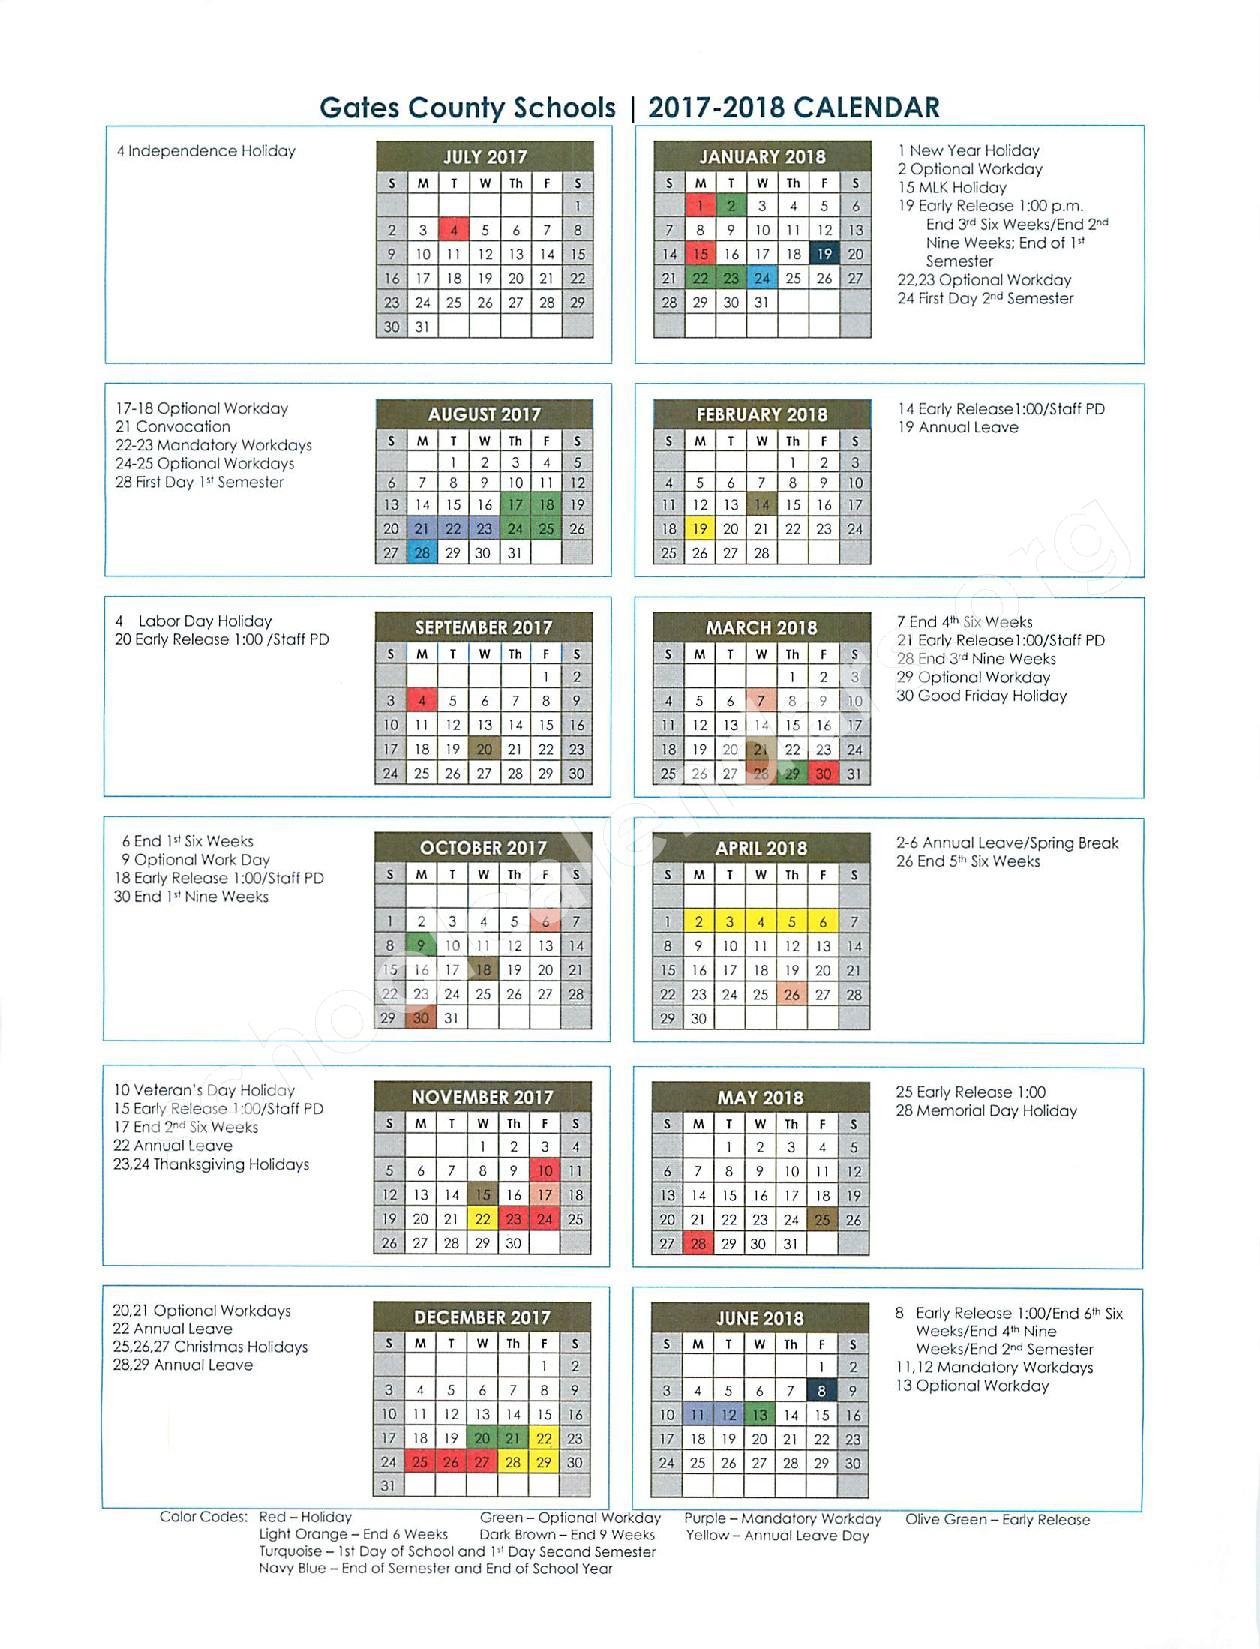 2017 - 2018 School Calendar – Gates County Public Schools – page 1